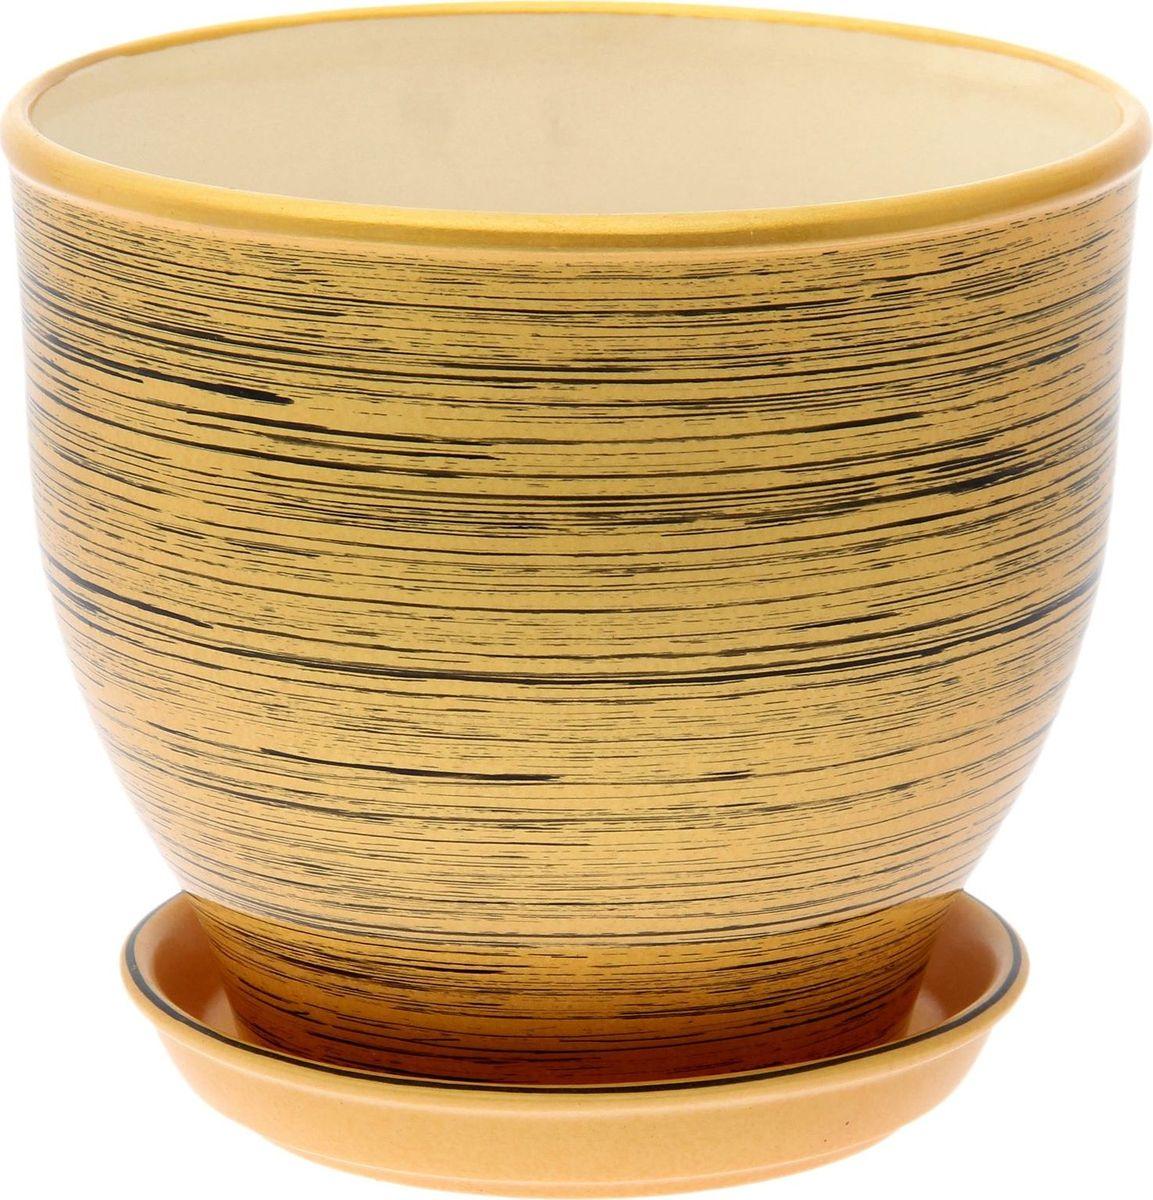 Кашпо Керамика ручной работы Виктор. Глянец, цвет: черный, золотой, 4 л1489657Комнатные растения — всеобщие любимцы. Они радуют глаз, насыщают помещение кислородом и украшают пространство. Каждому из них необходим свой удобный и красивый дом. Кашпо из керамики прекрасно подходят для высадки растений: за счёт пластичности глины и разных способов обработки существует великое множество форм и дизайновпористый материал позволяет испаряться лишней влагевоздух, необходимый для дыхания корней, проникает сквозь керамические стенки! #name# позаботится о зелёном питомце, освежит интерьер и подчеркнёт его стиль.